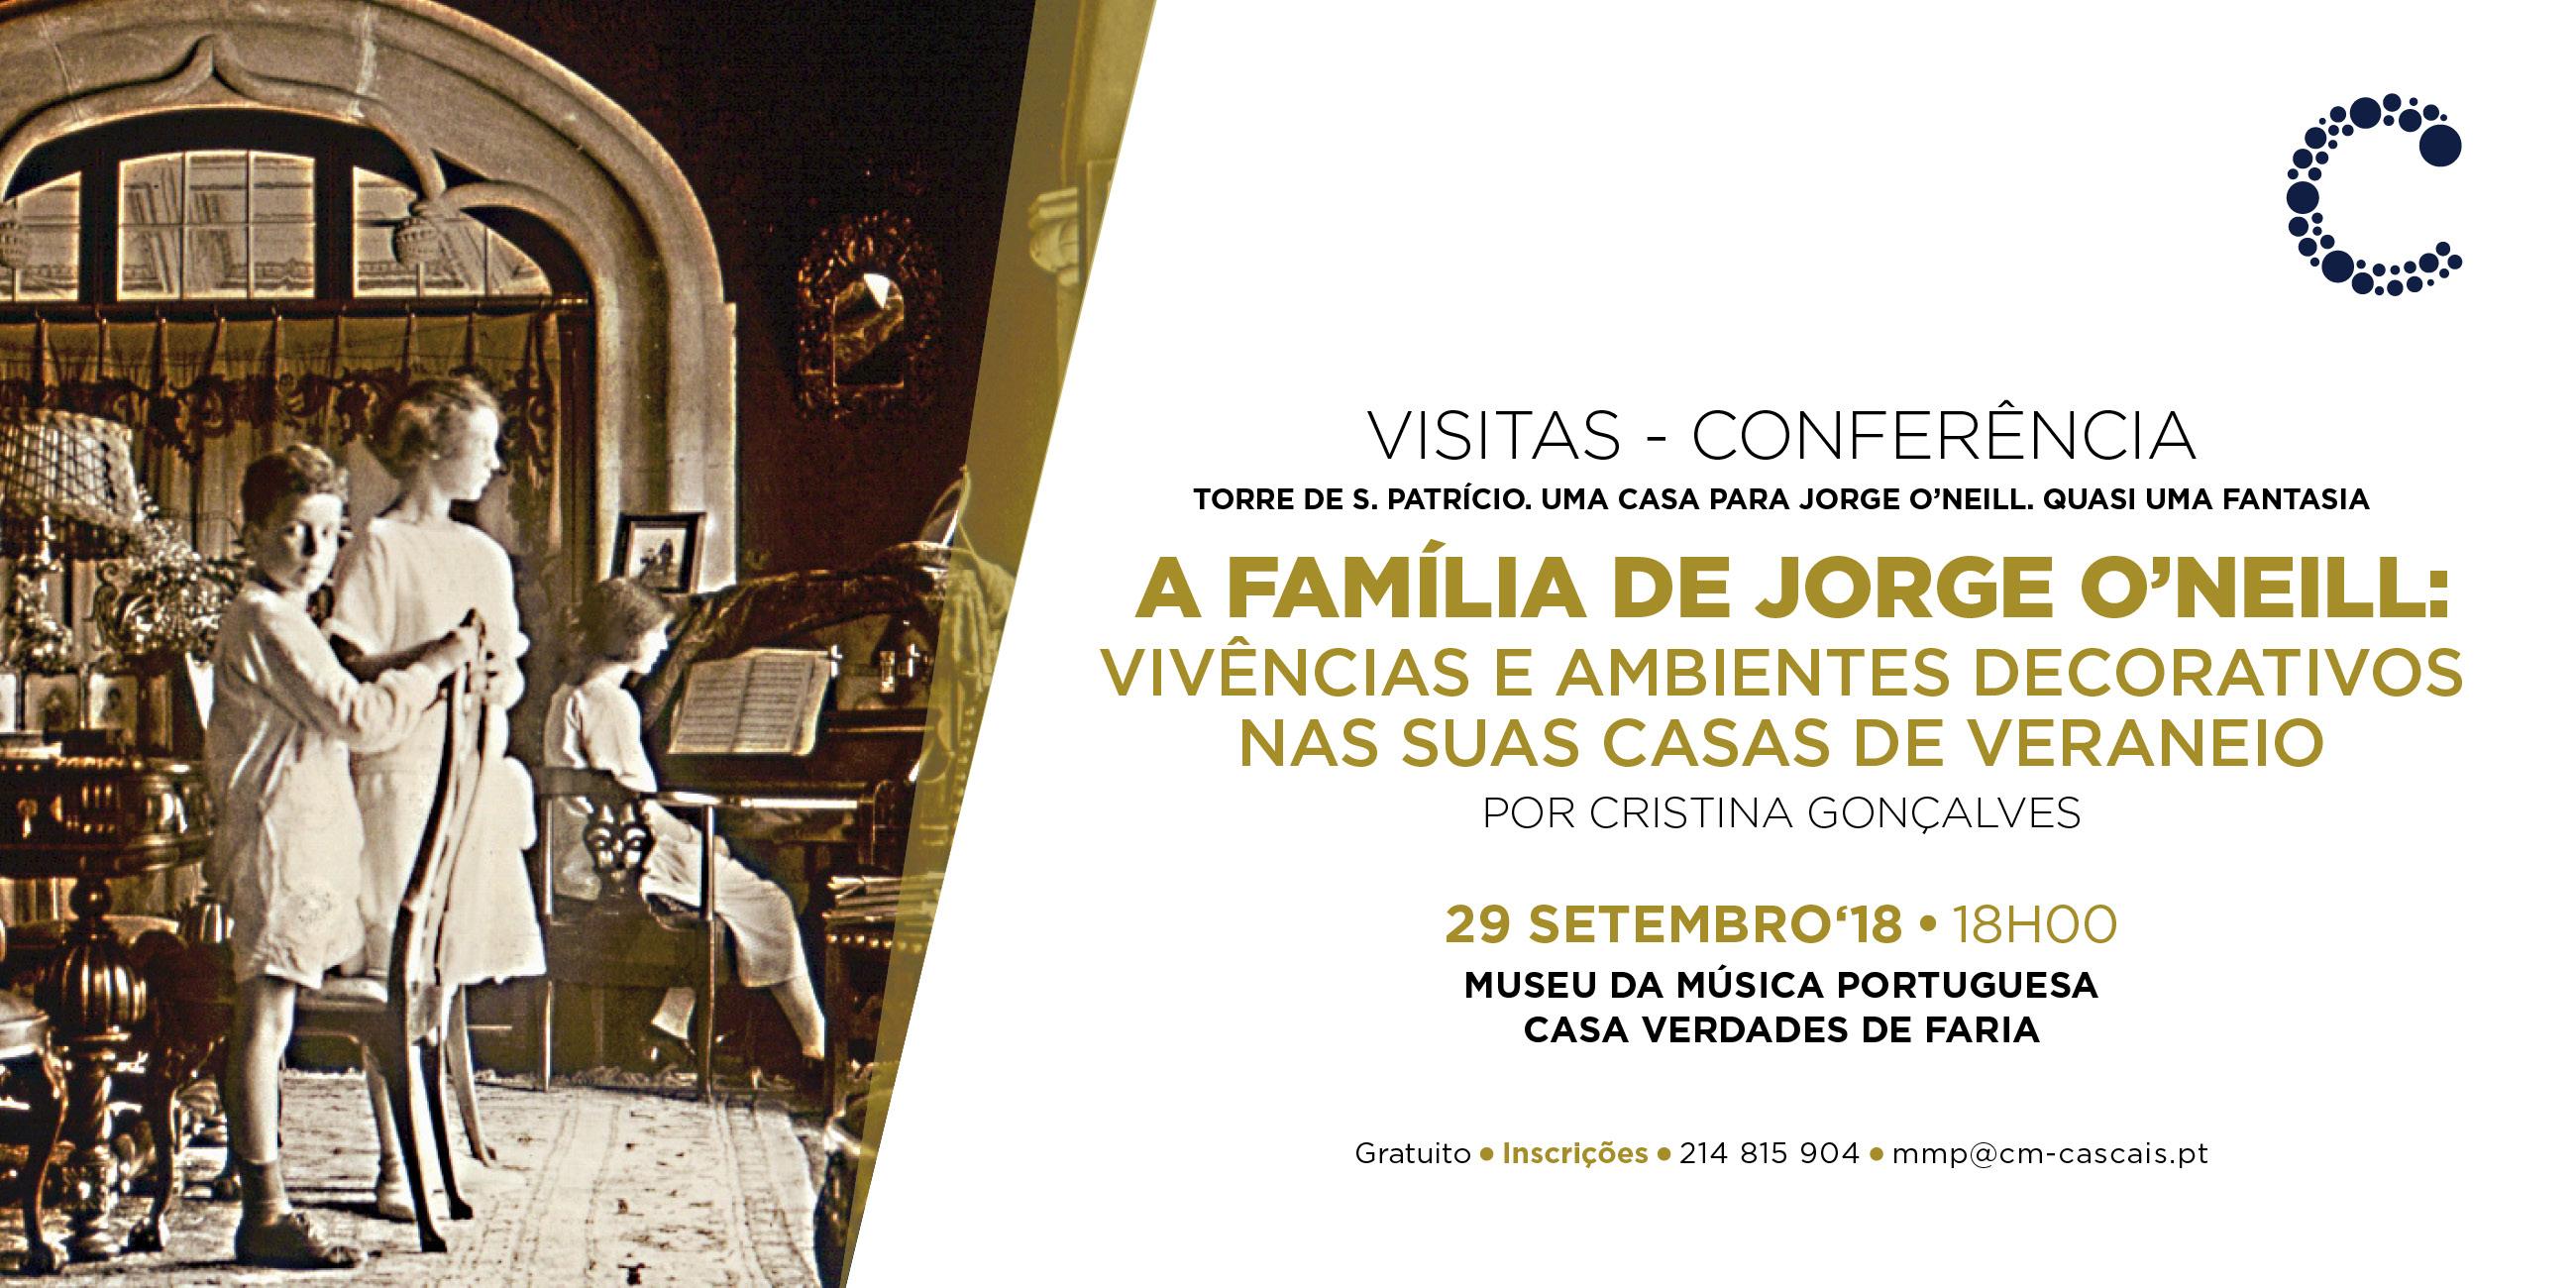 """Visitas-conferência """"Torre de S. Patrício. Uma Casa para Jorge O'Neill. Quasi uma fantasia"""""""